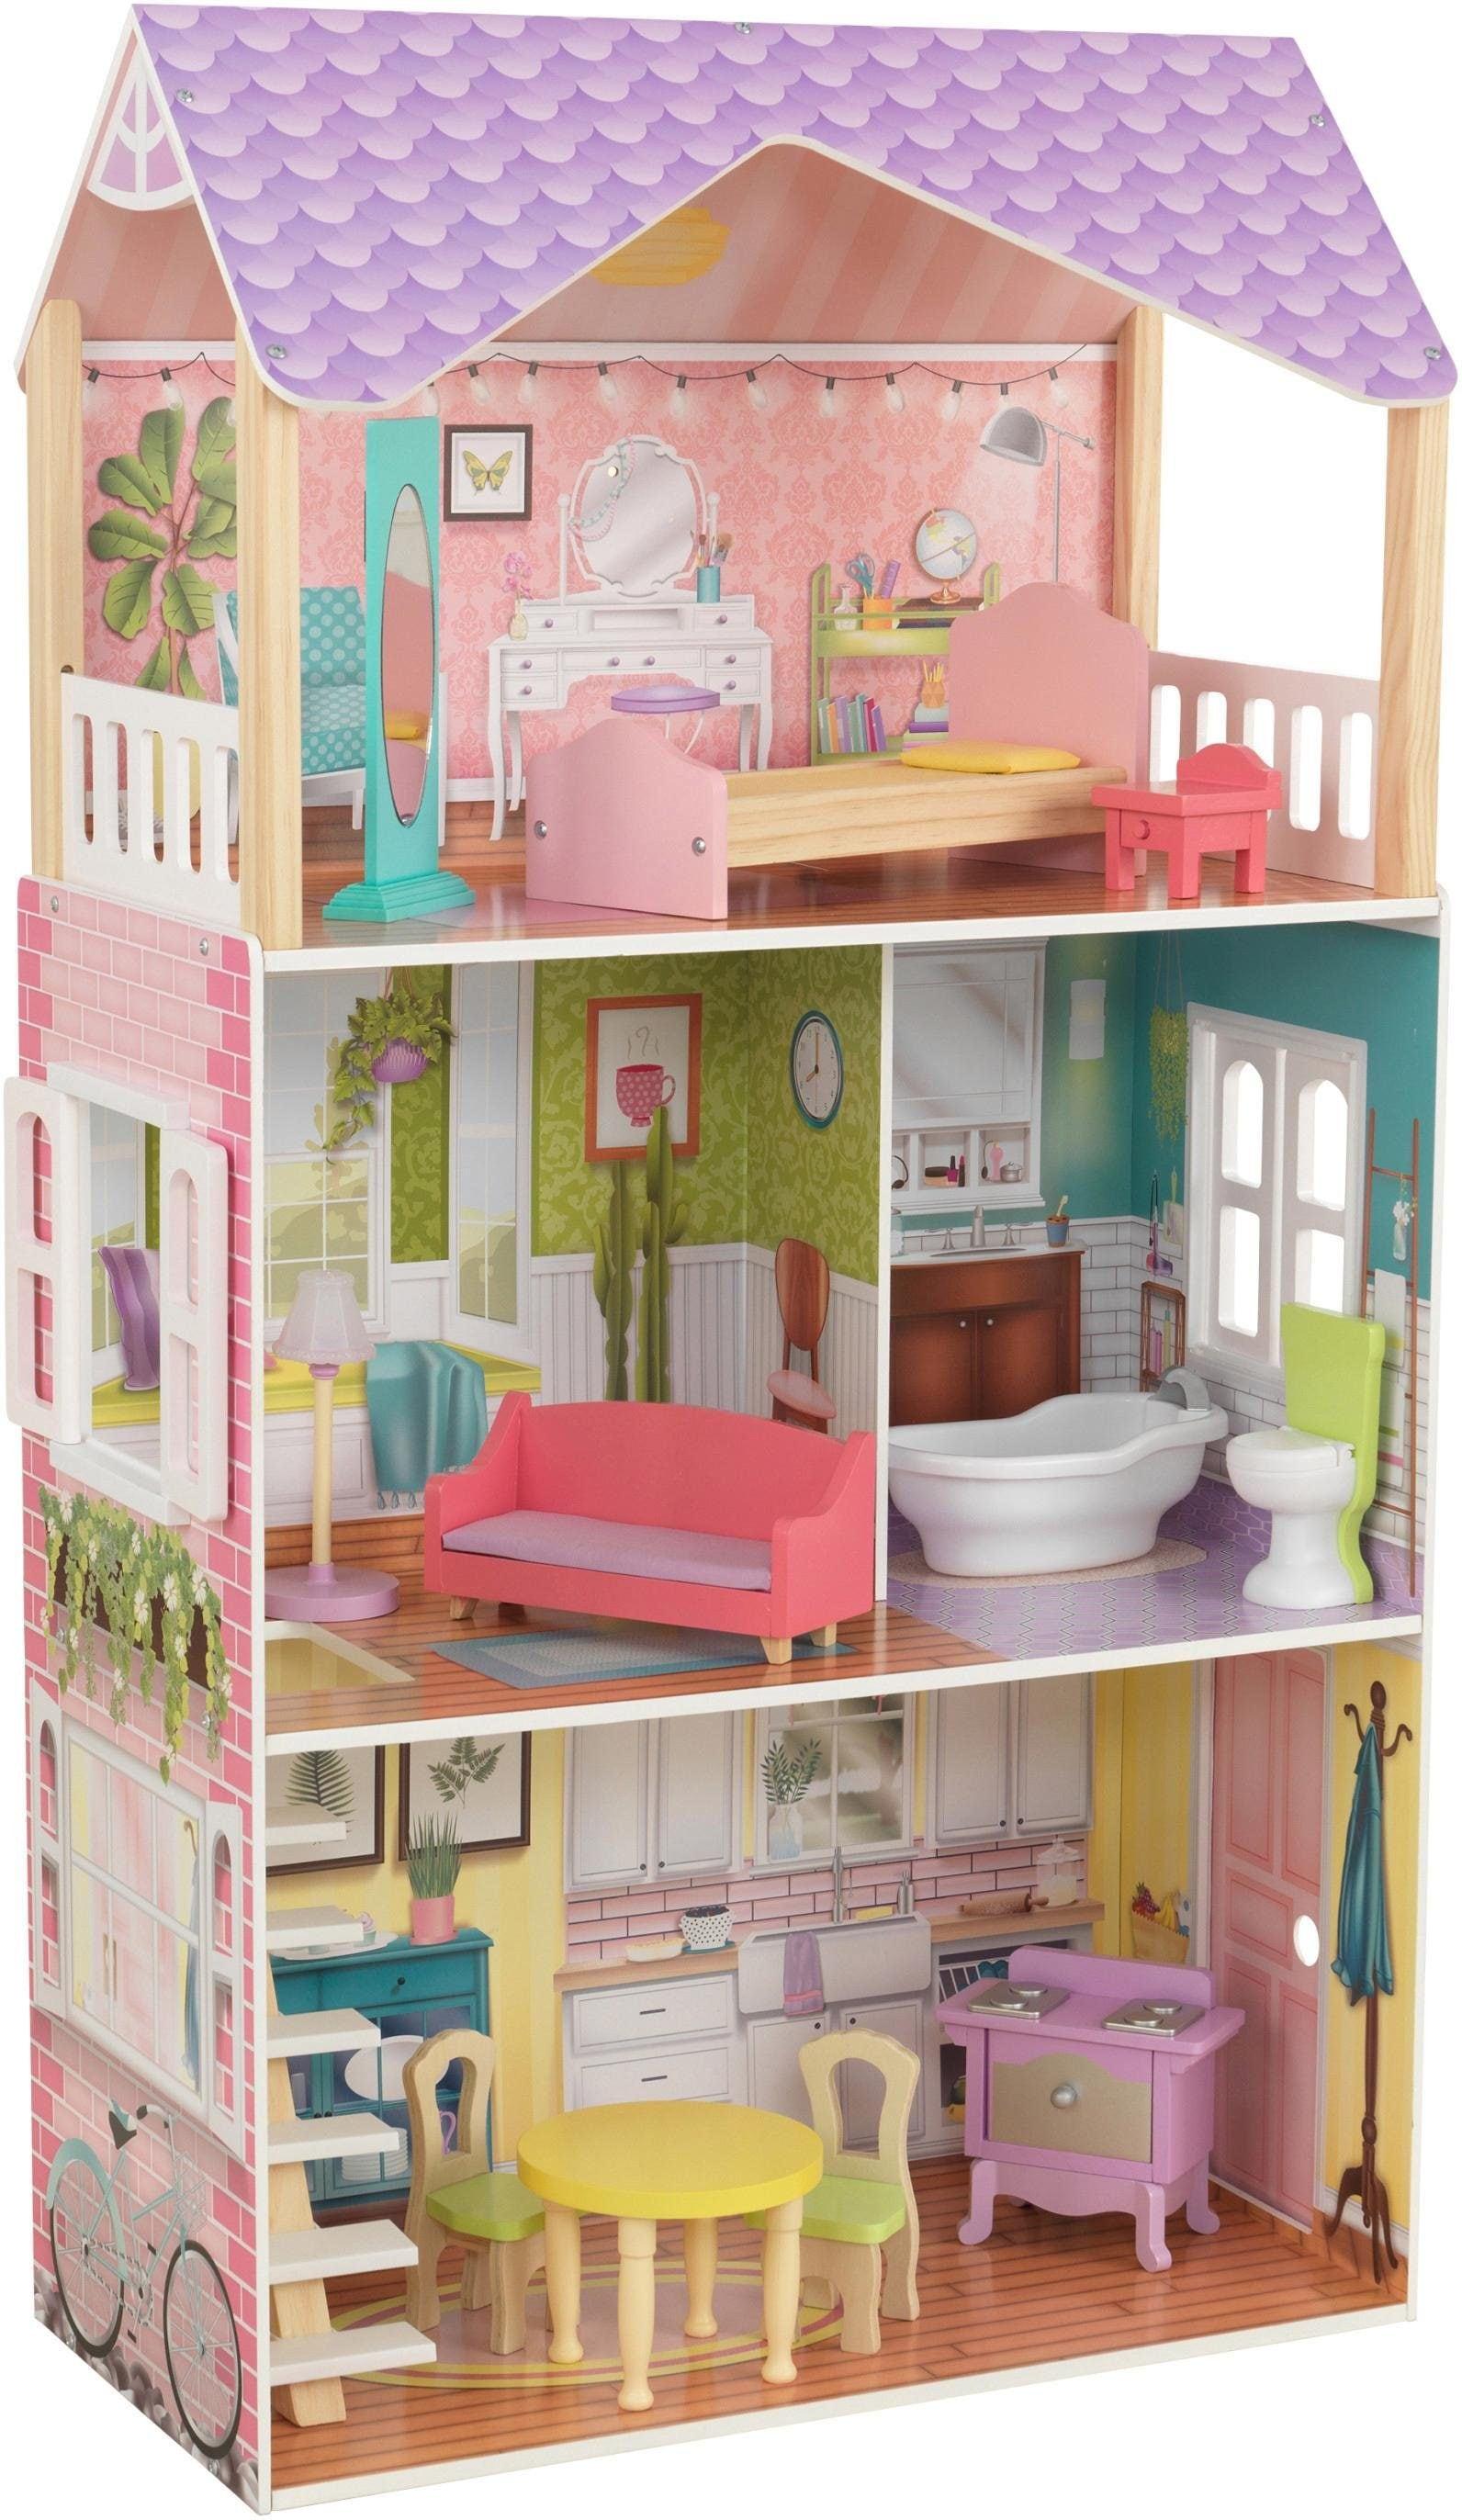 """KidKraft Puppenhaus """"Poppy Puppenhaus"""" Kindermode/Spielzeug/Puppen/Puppenhaus"""